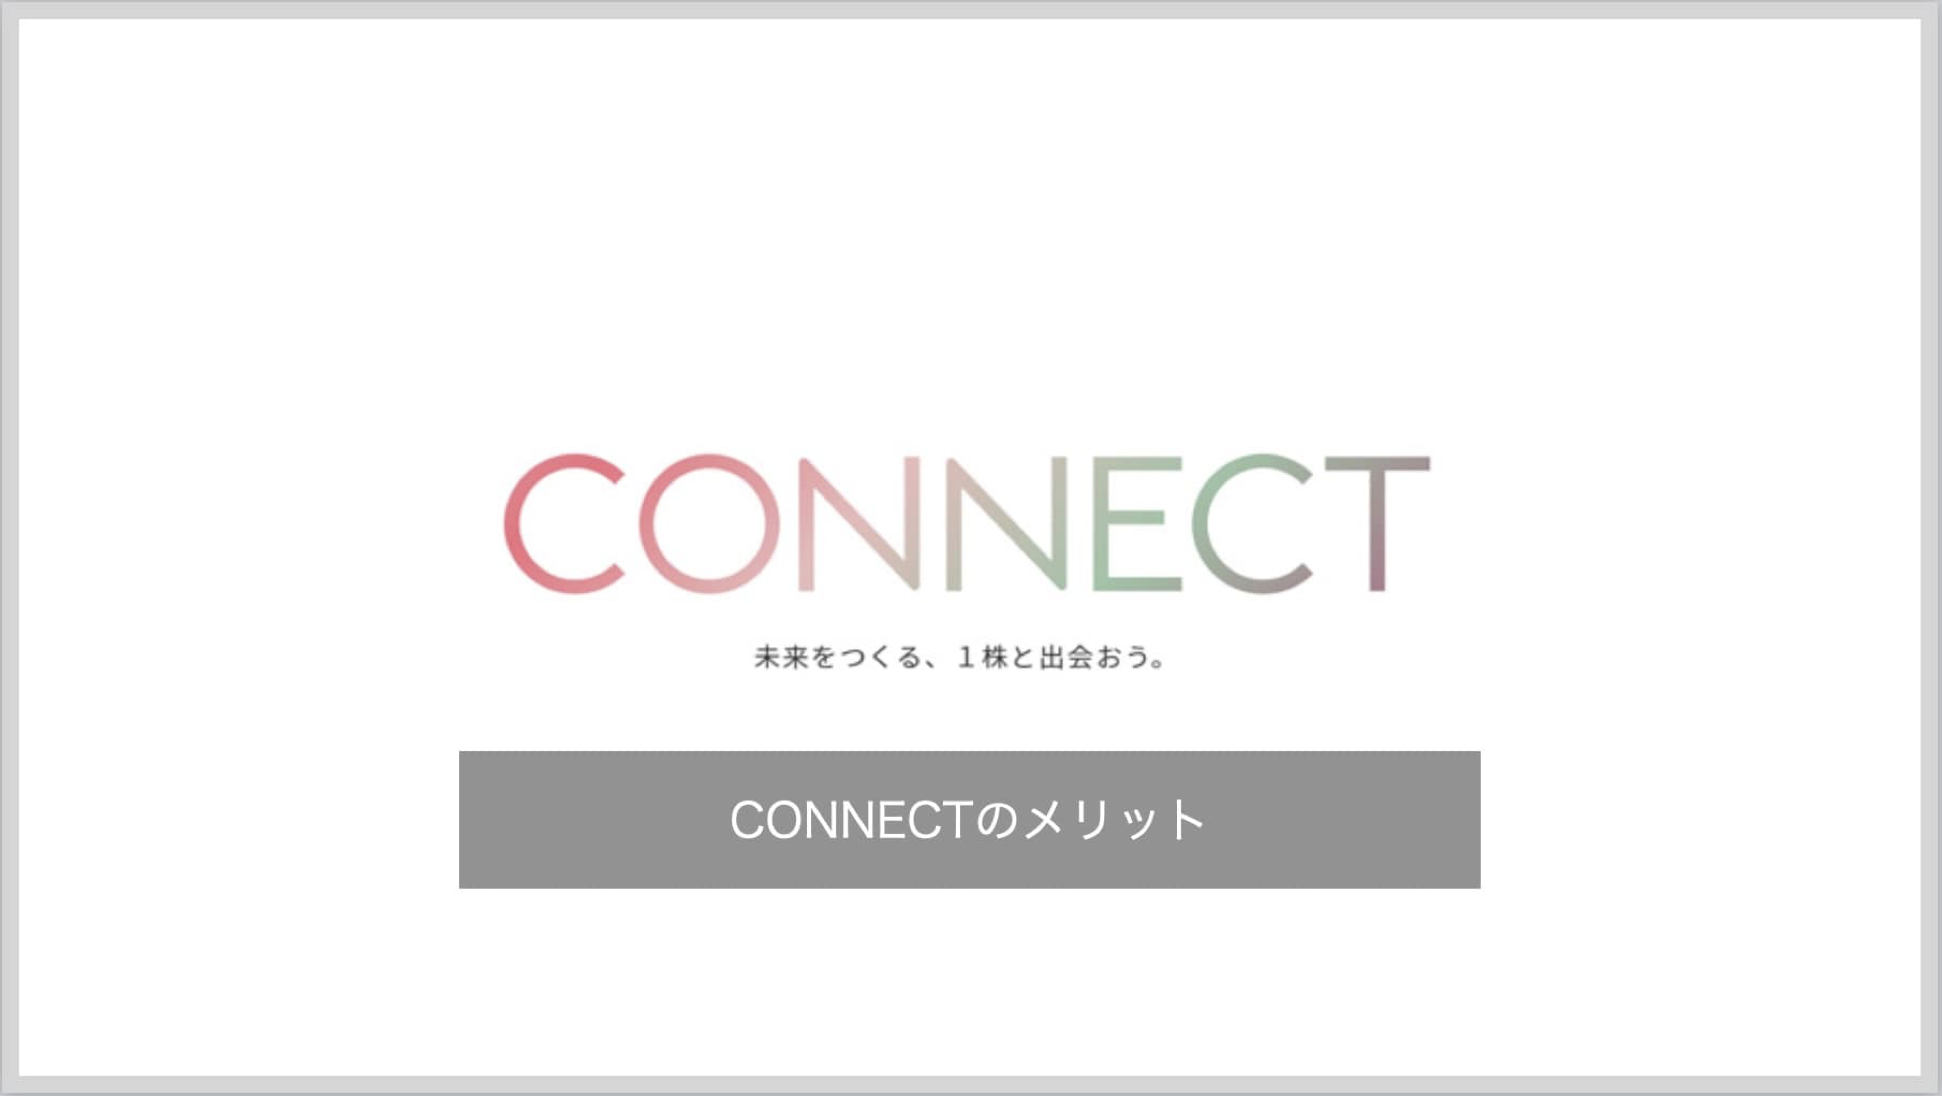 スマホ証券CONNECT(コネクト)のクチコミ評判